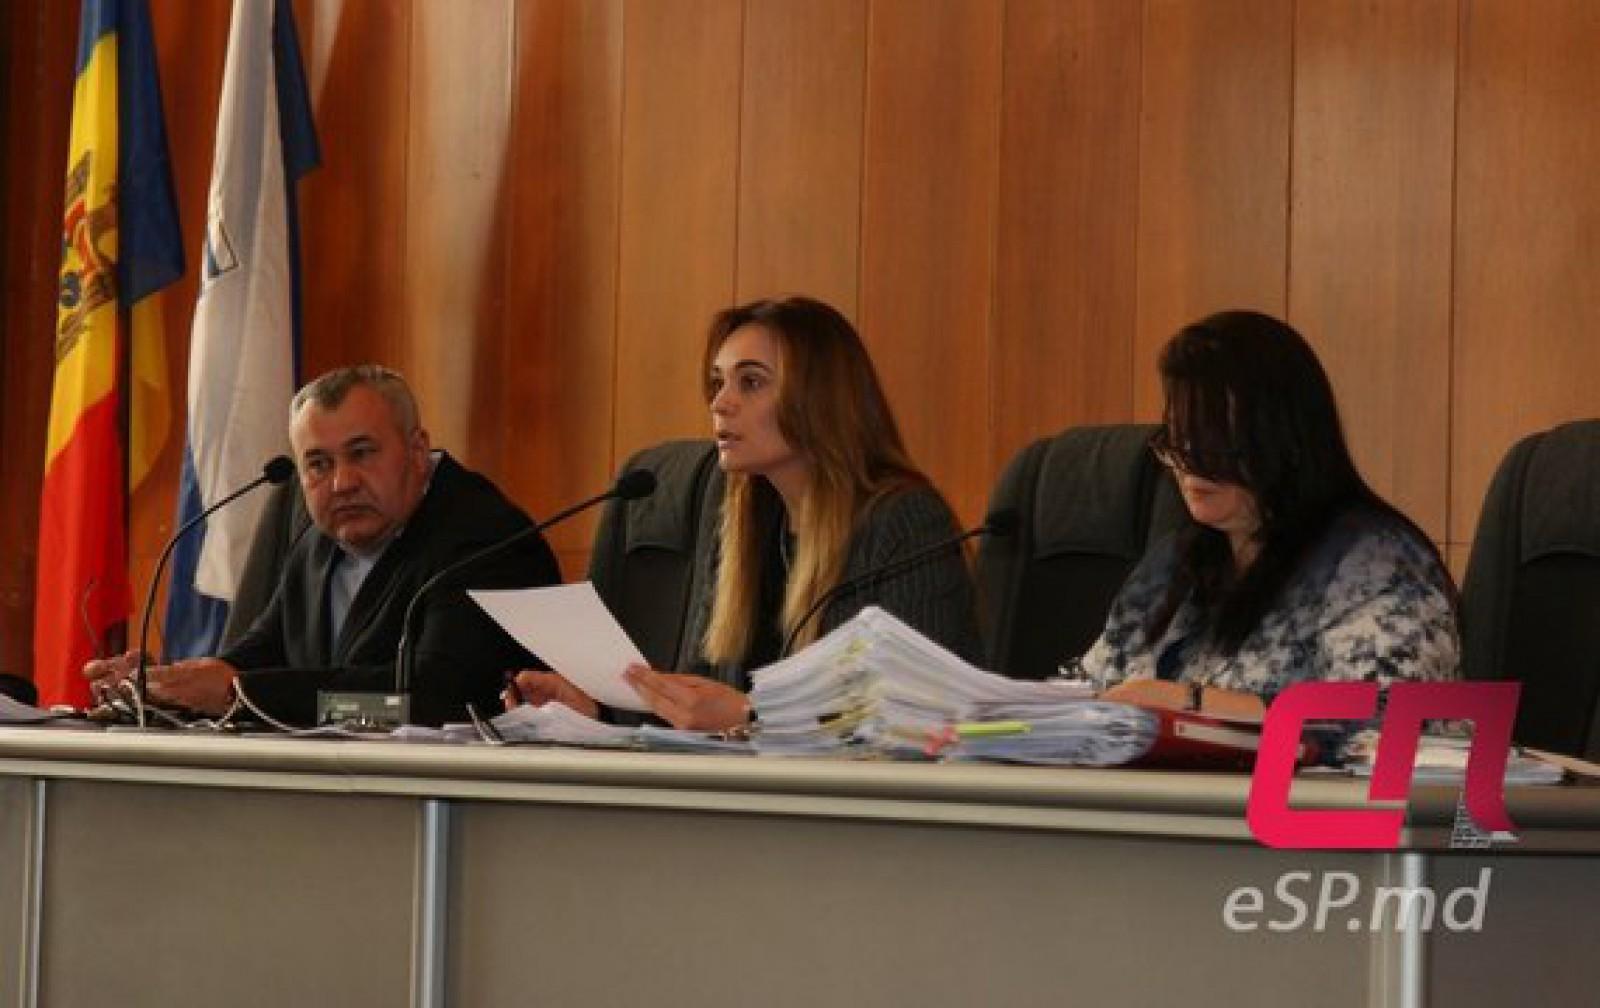 (video) Adunare scandaloasă la Ședința Consiliului Municipal din Bălți. Localnicii au organizat un miting pe holul Primăriei